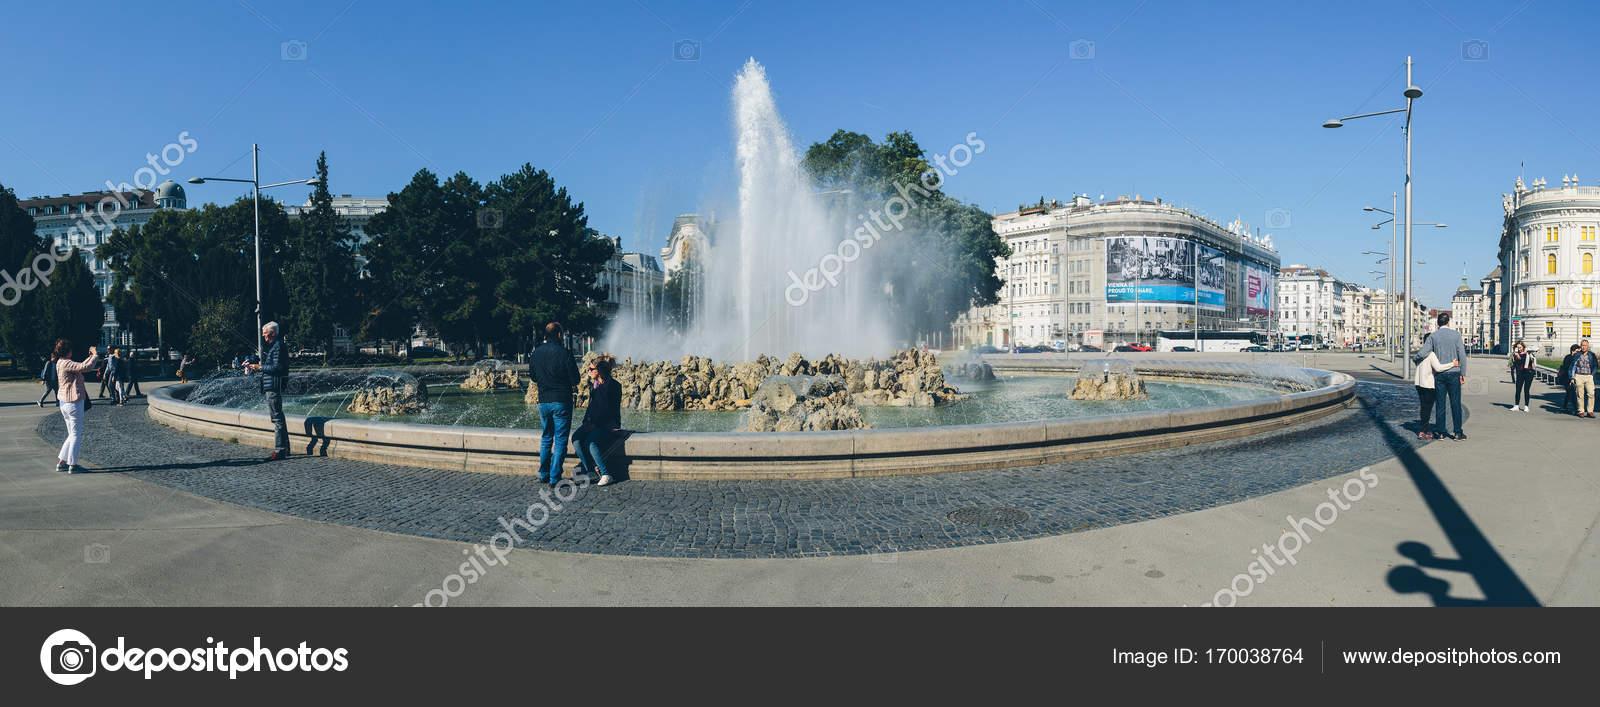 Schwarzenbergplatz In Wien Redaktionelles Stockfoto Fcerez